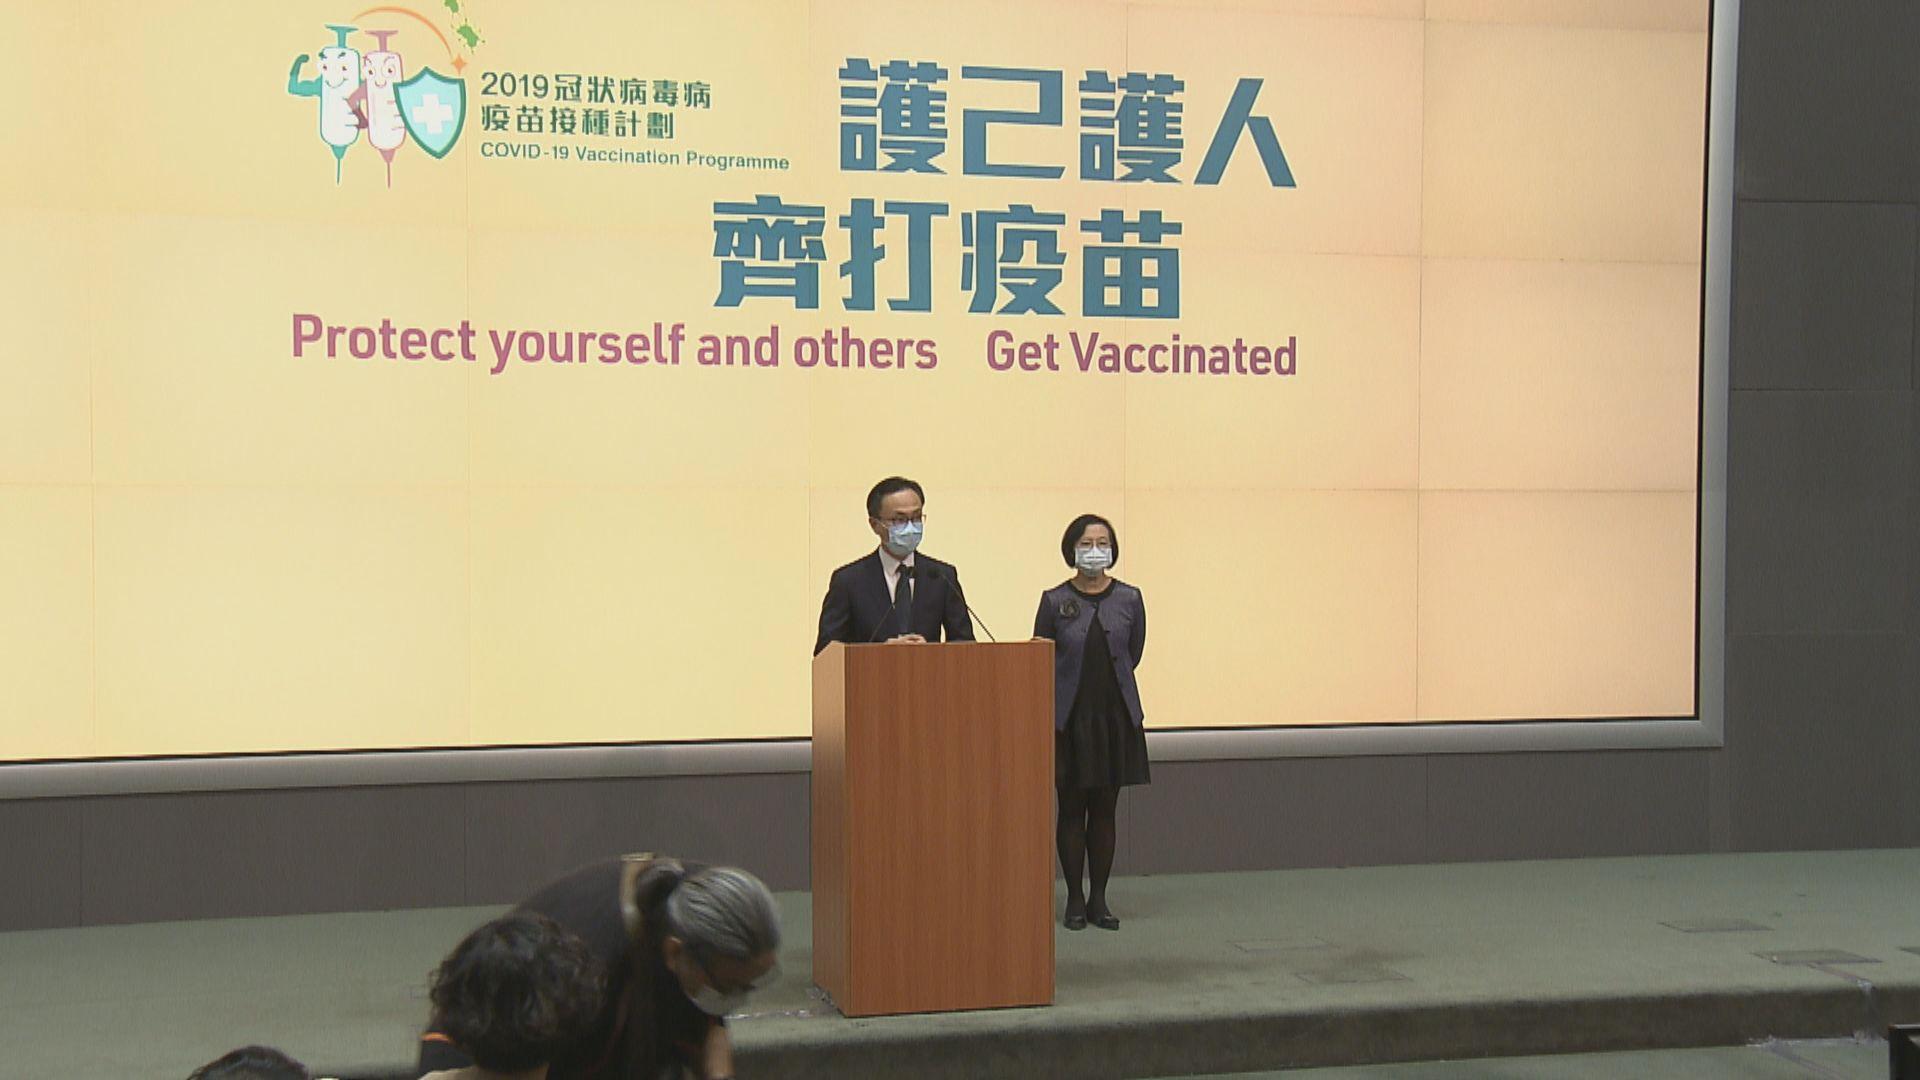 【一文睇晒疫苗接種計劃】增七個優先群組;明日起可預約接種復必泰疫苗